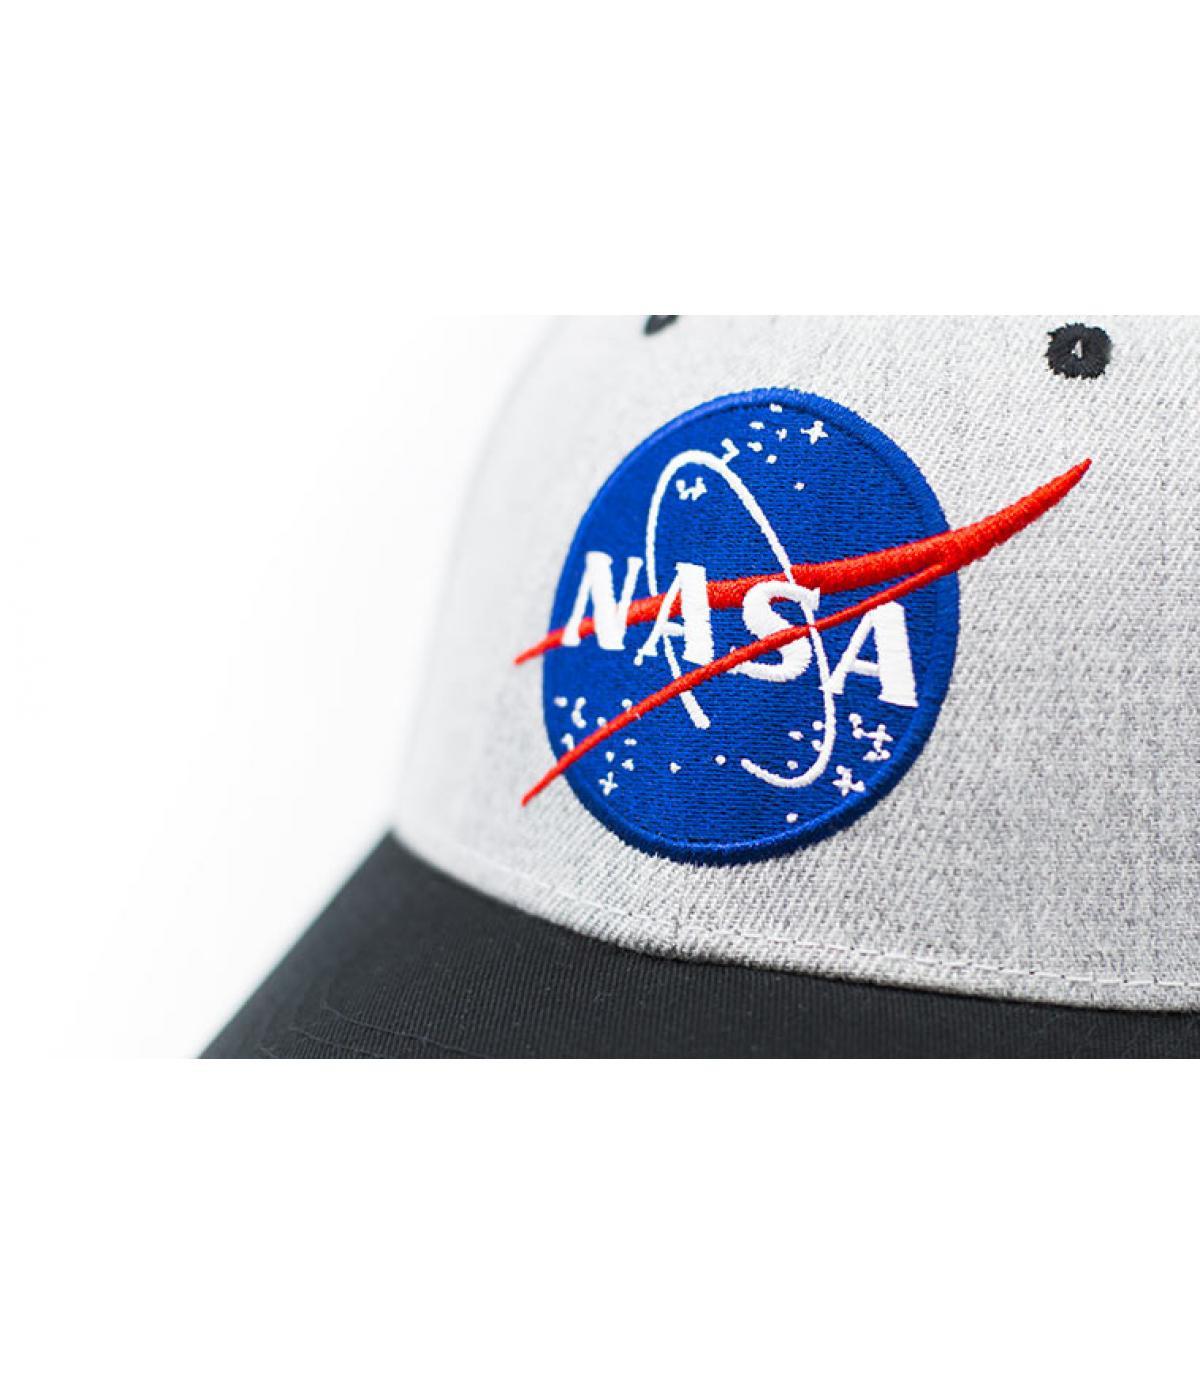 Détails Curve Nasa - image 3